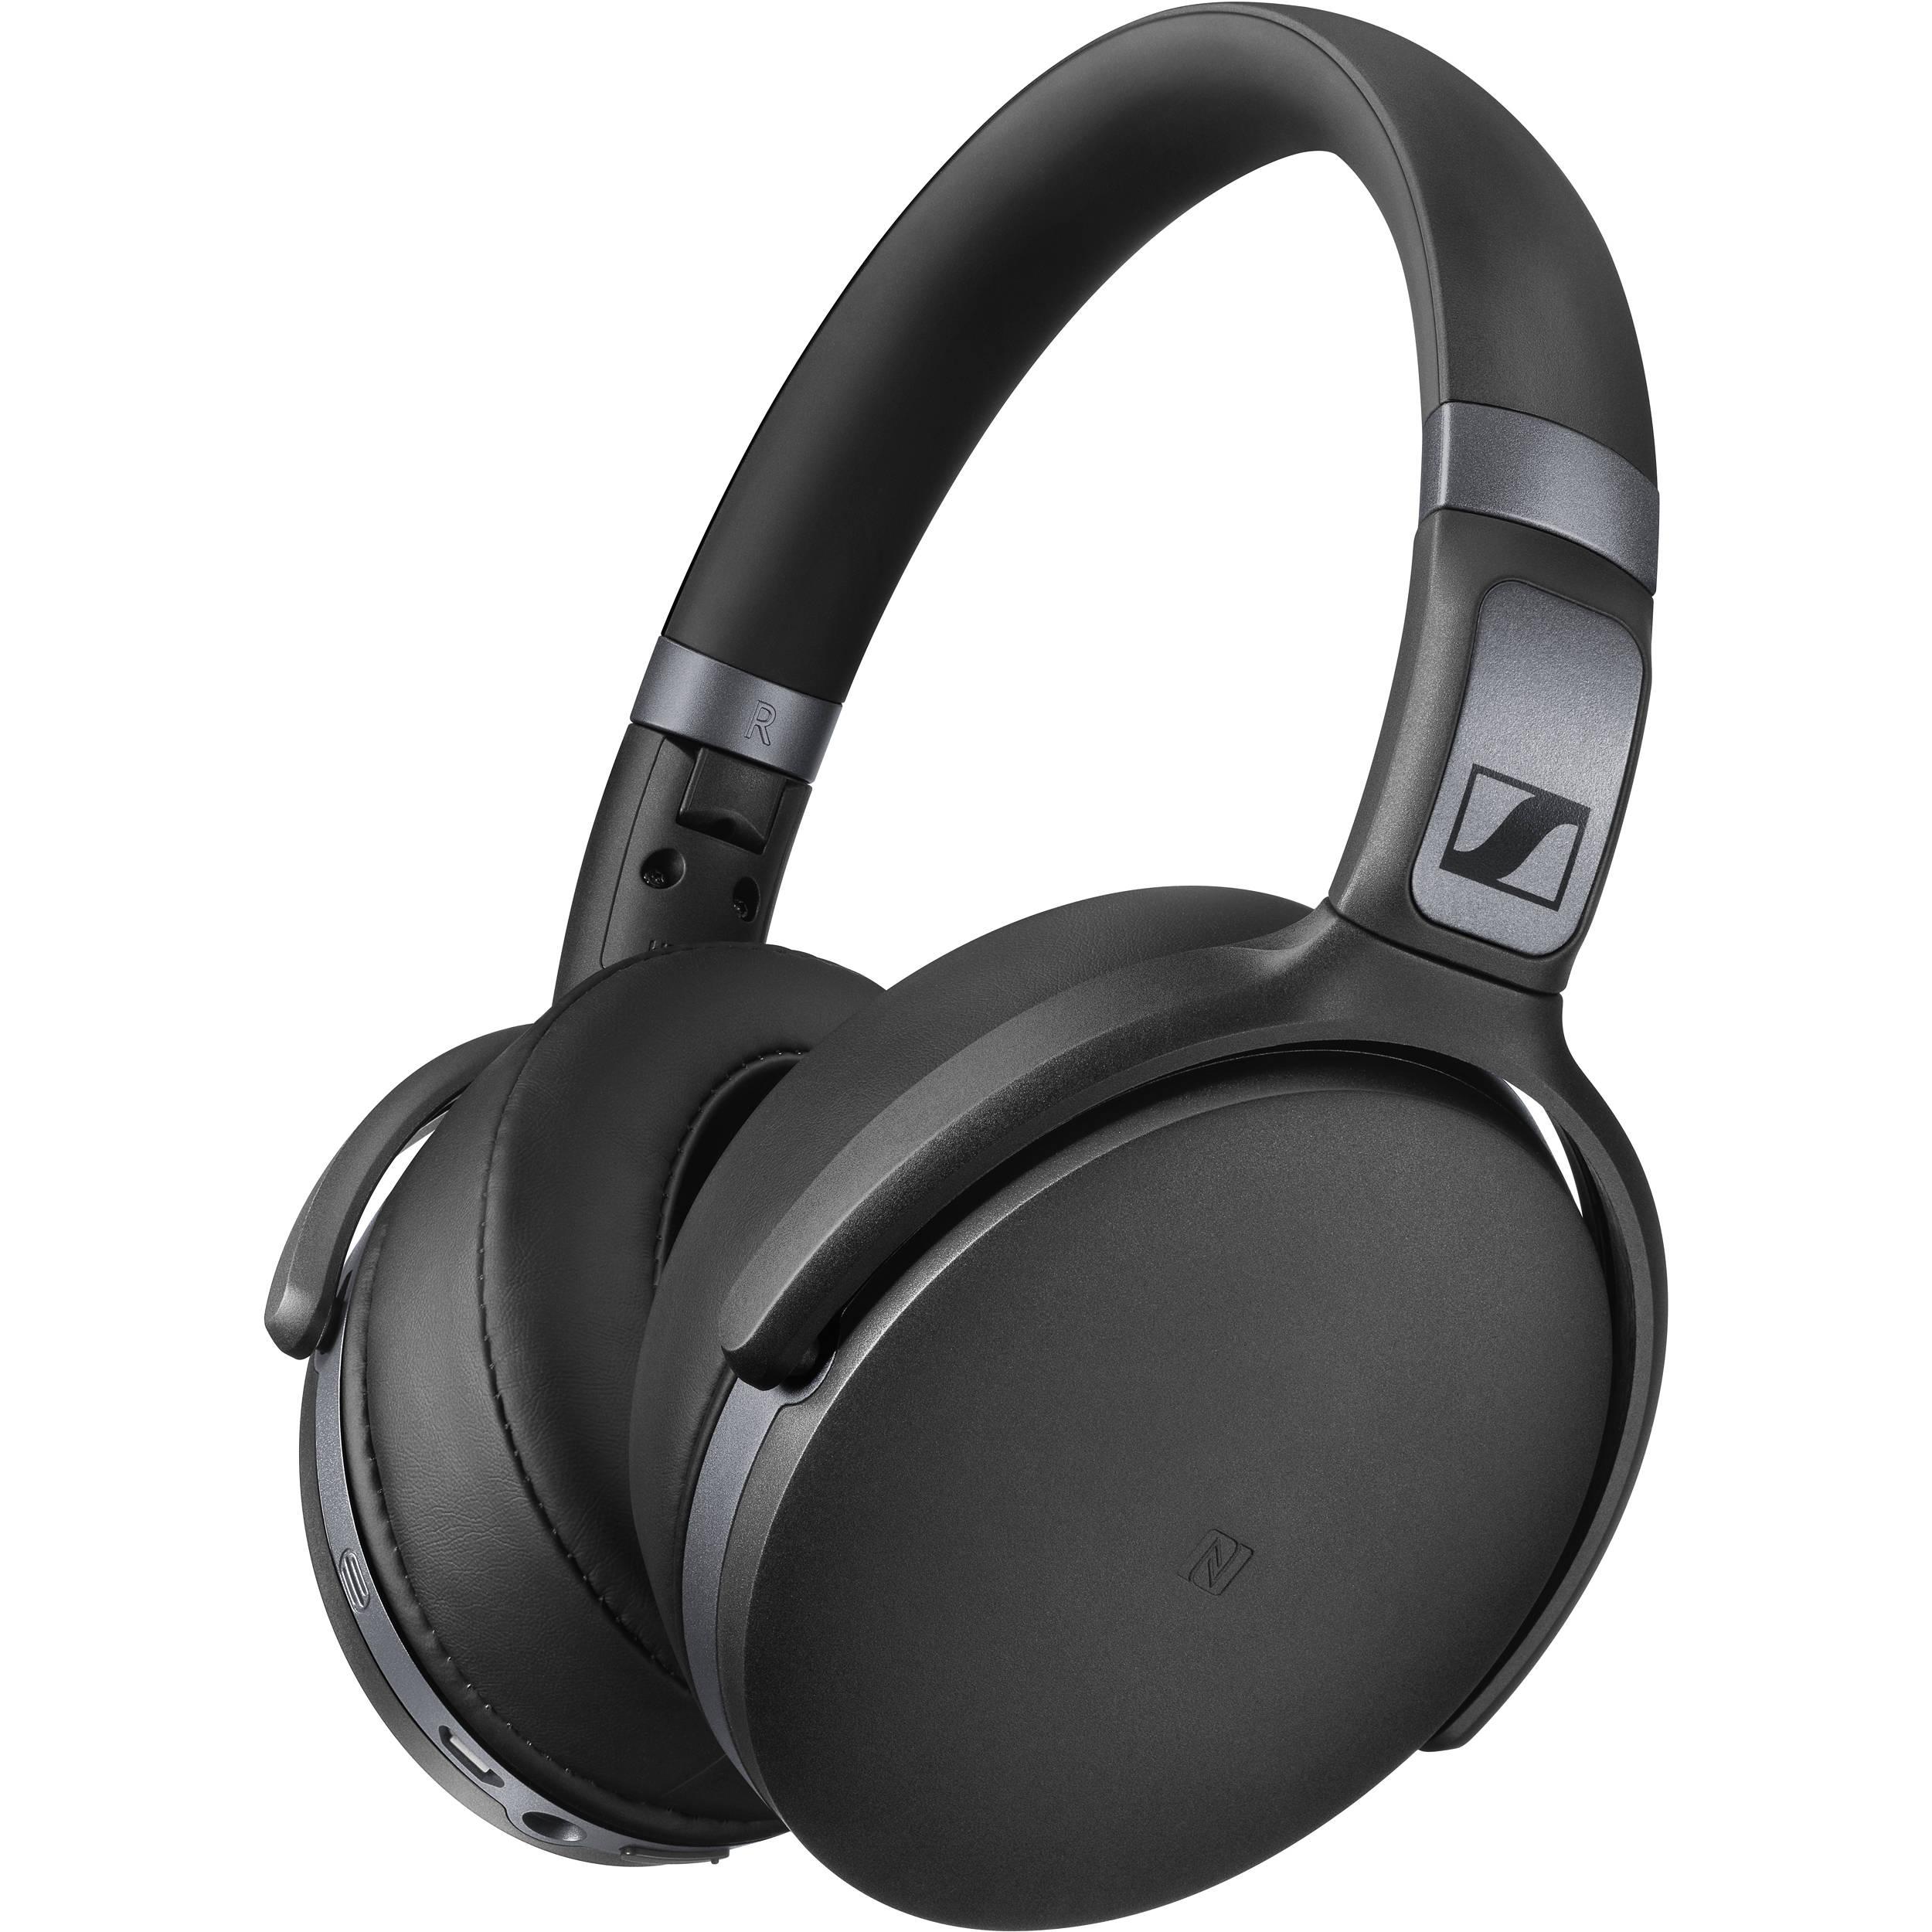 sennheiser hd 4.40 bt bluetooth headphones review